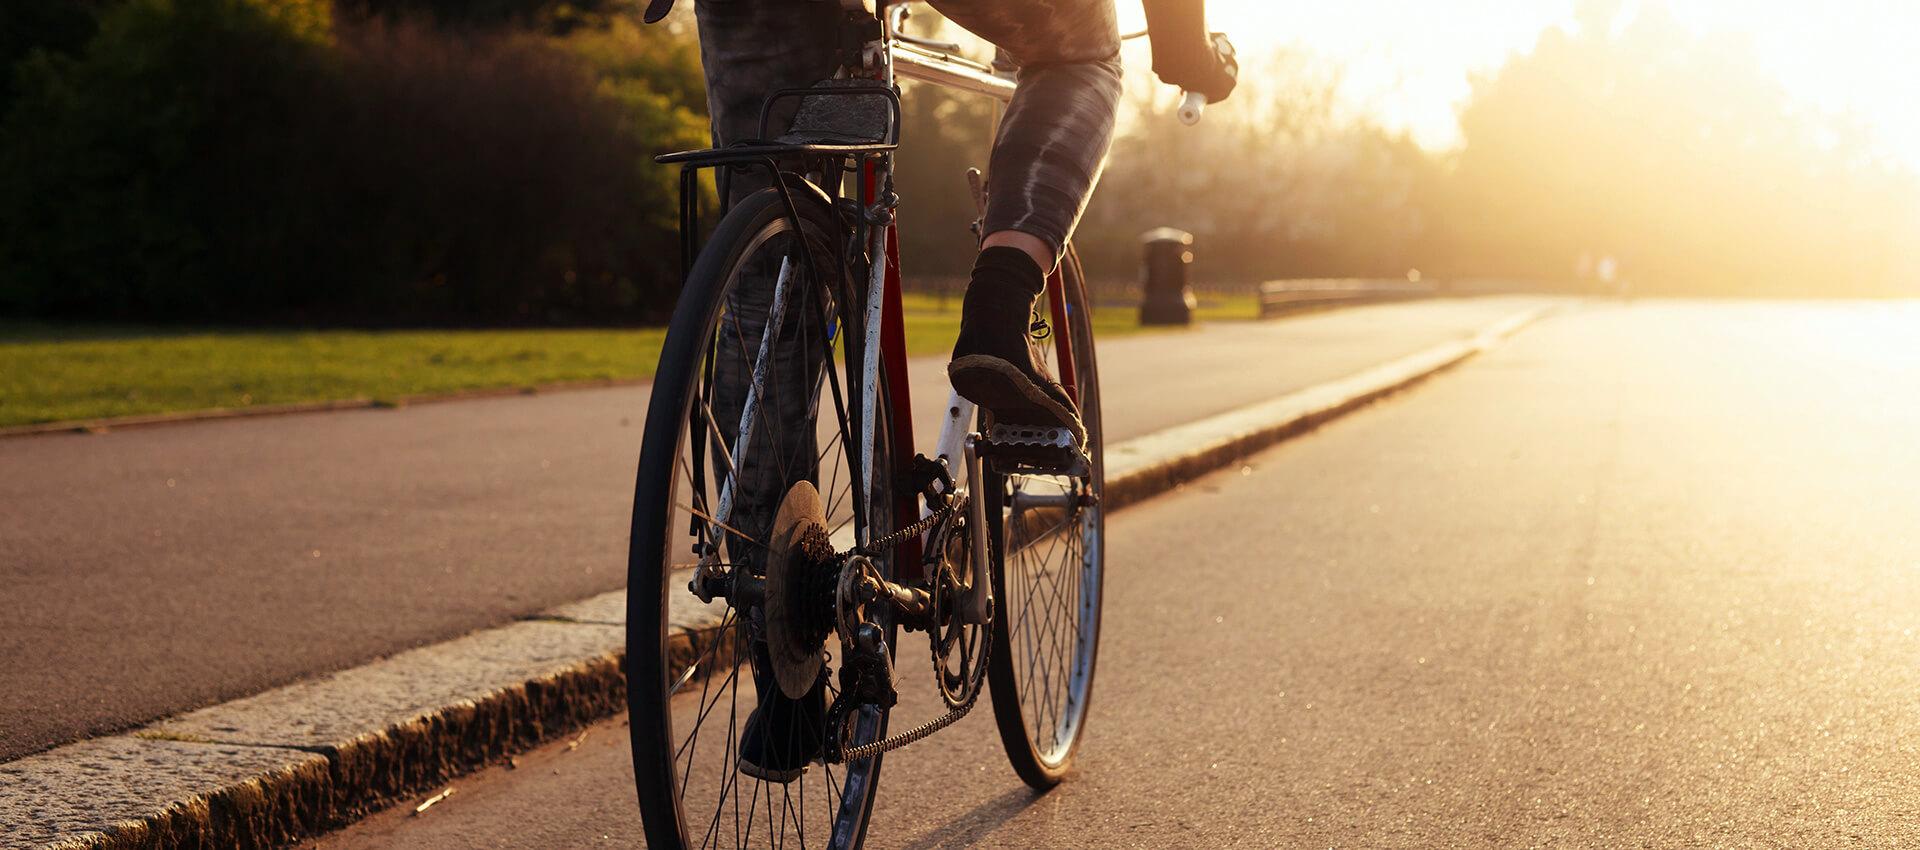 Fahrradfahren zu jeder Jahreszeit mit Freude